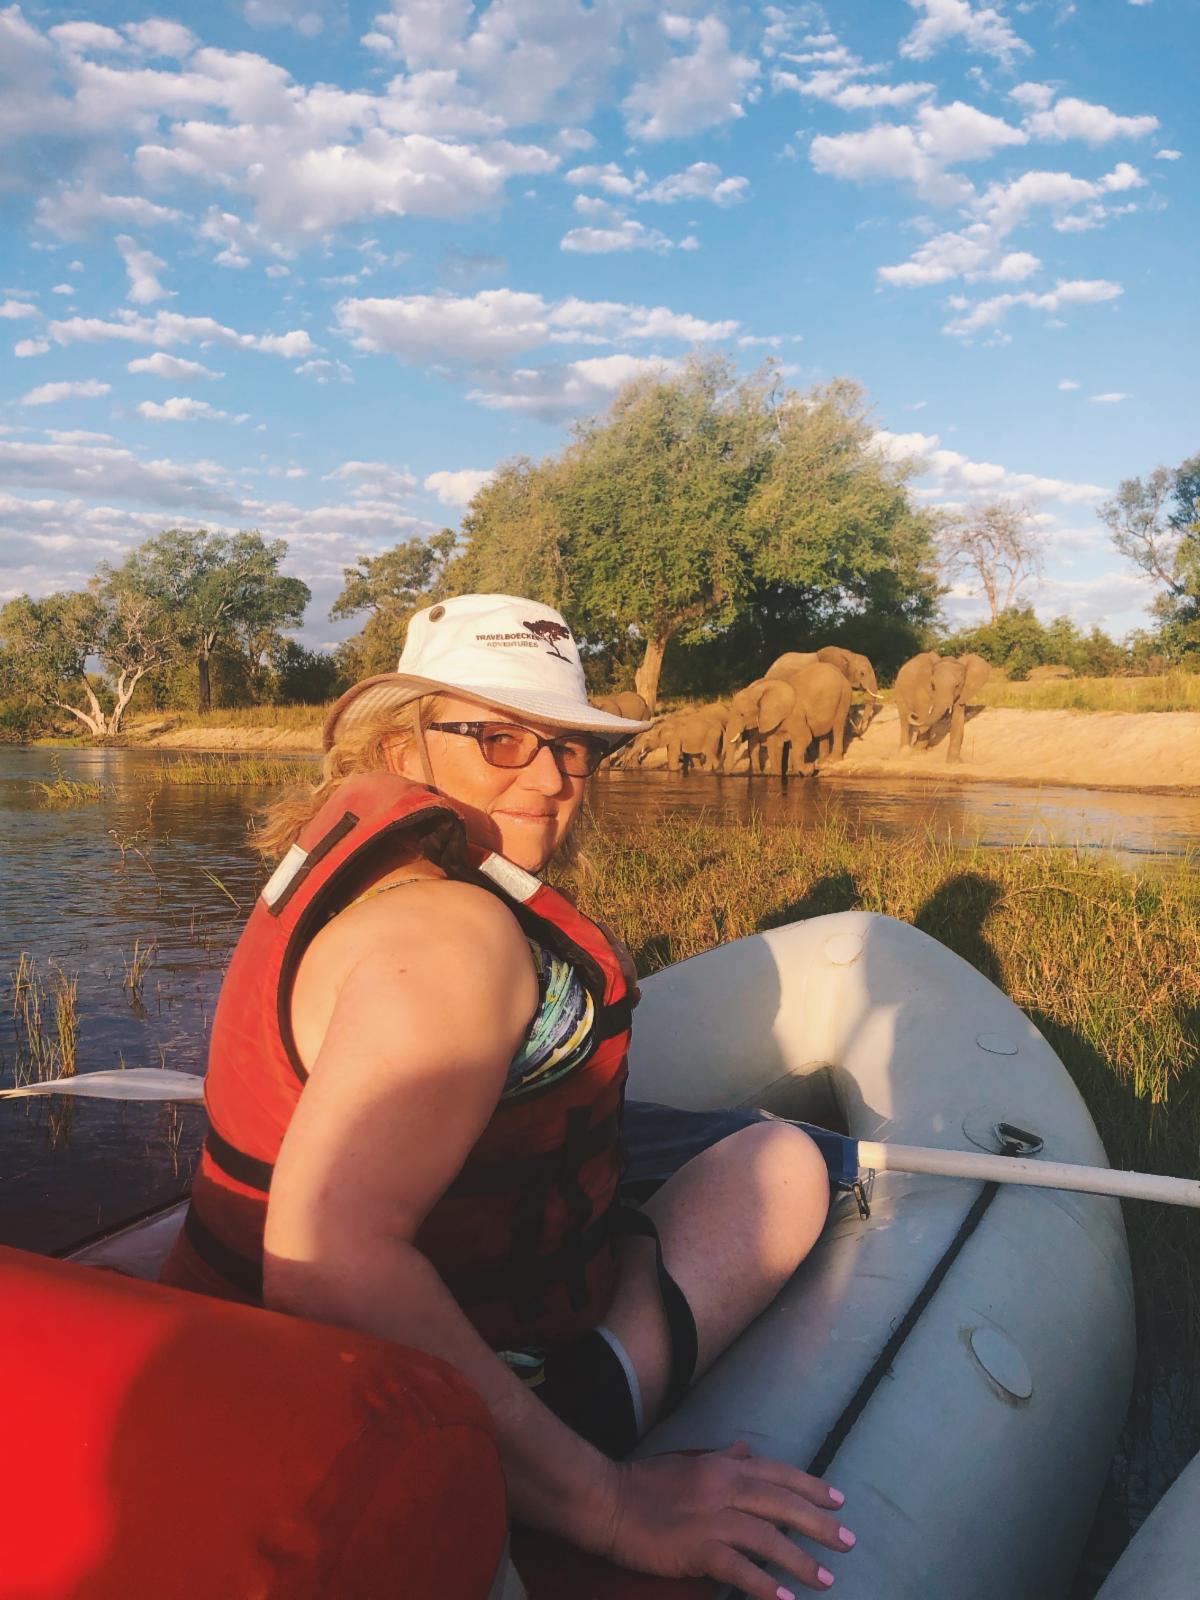 Yours truly paddling on the Zambezi